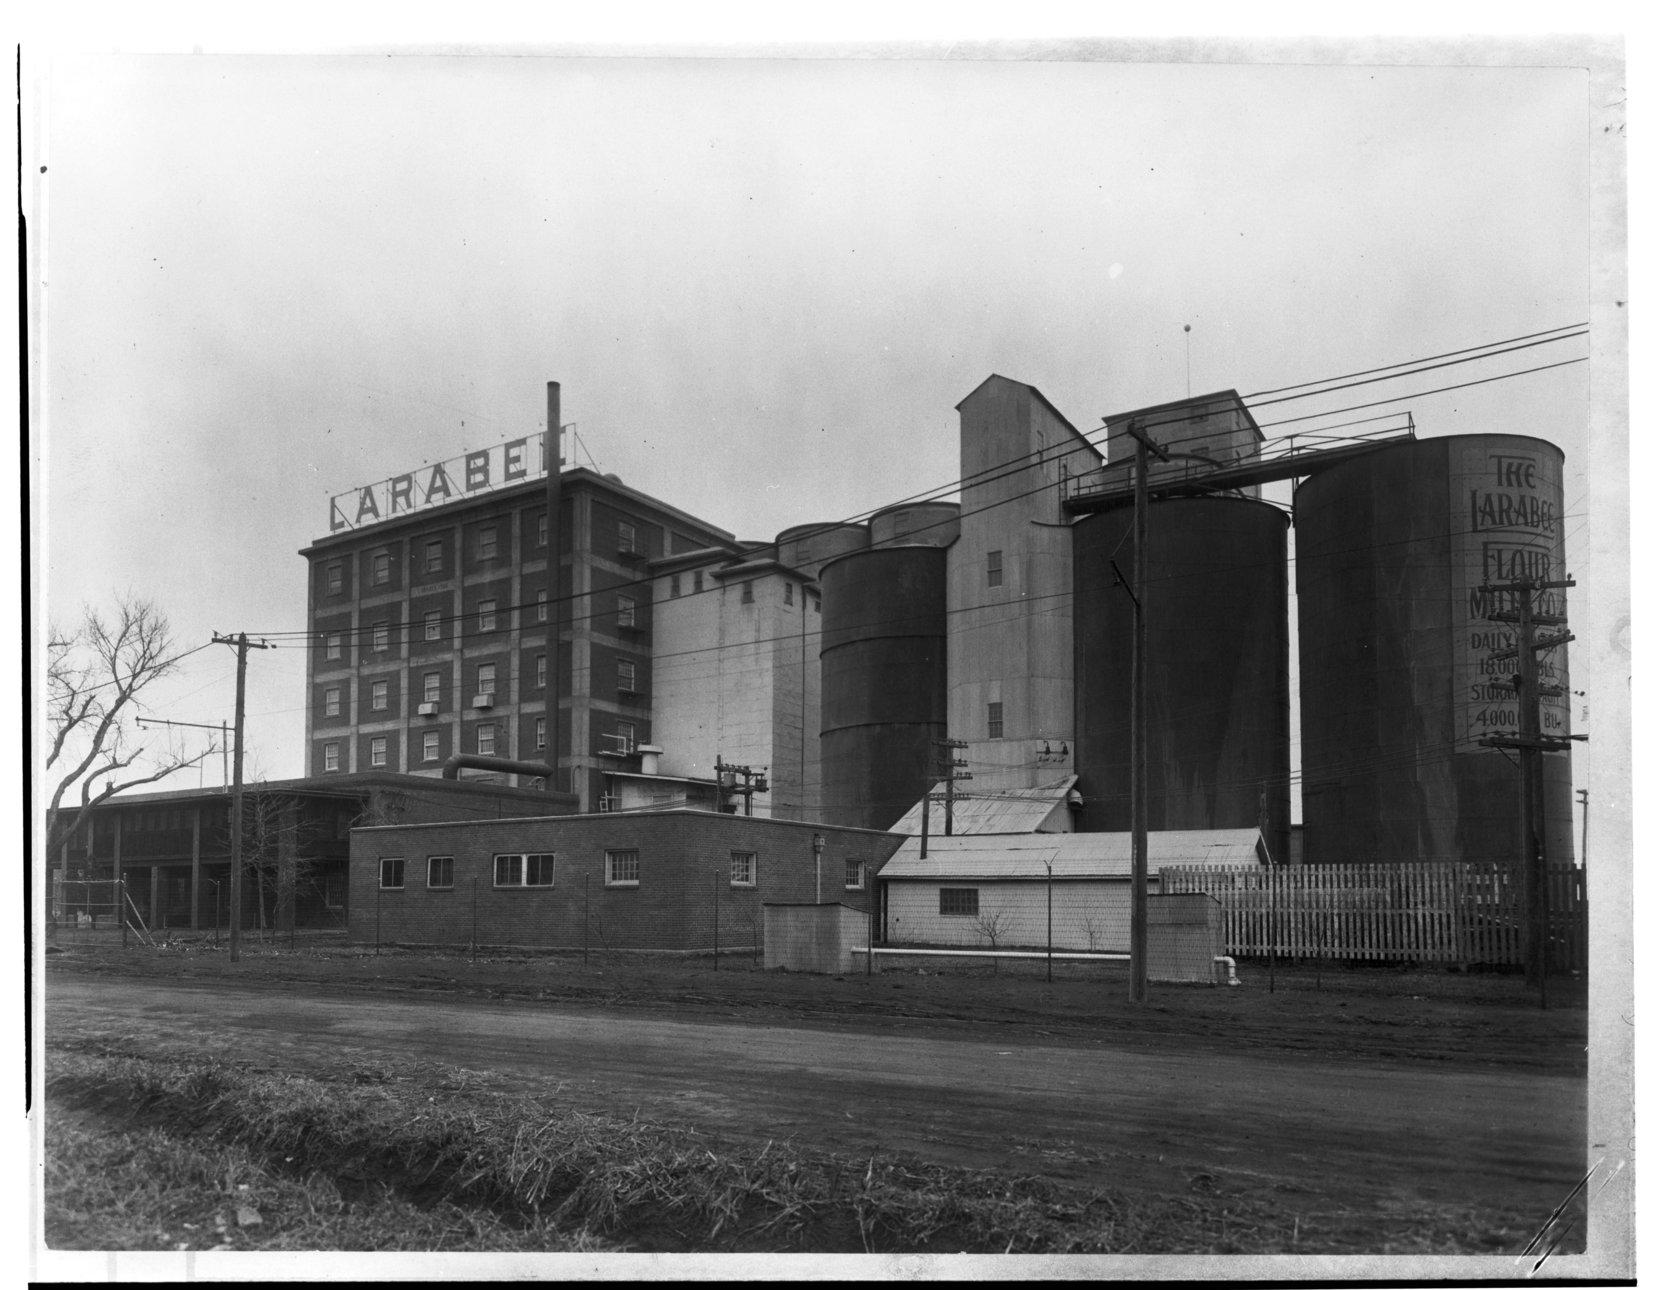 Larabee Flour Mill Company, Hutchinson, Kansas